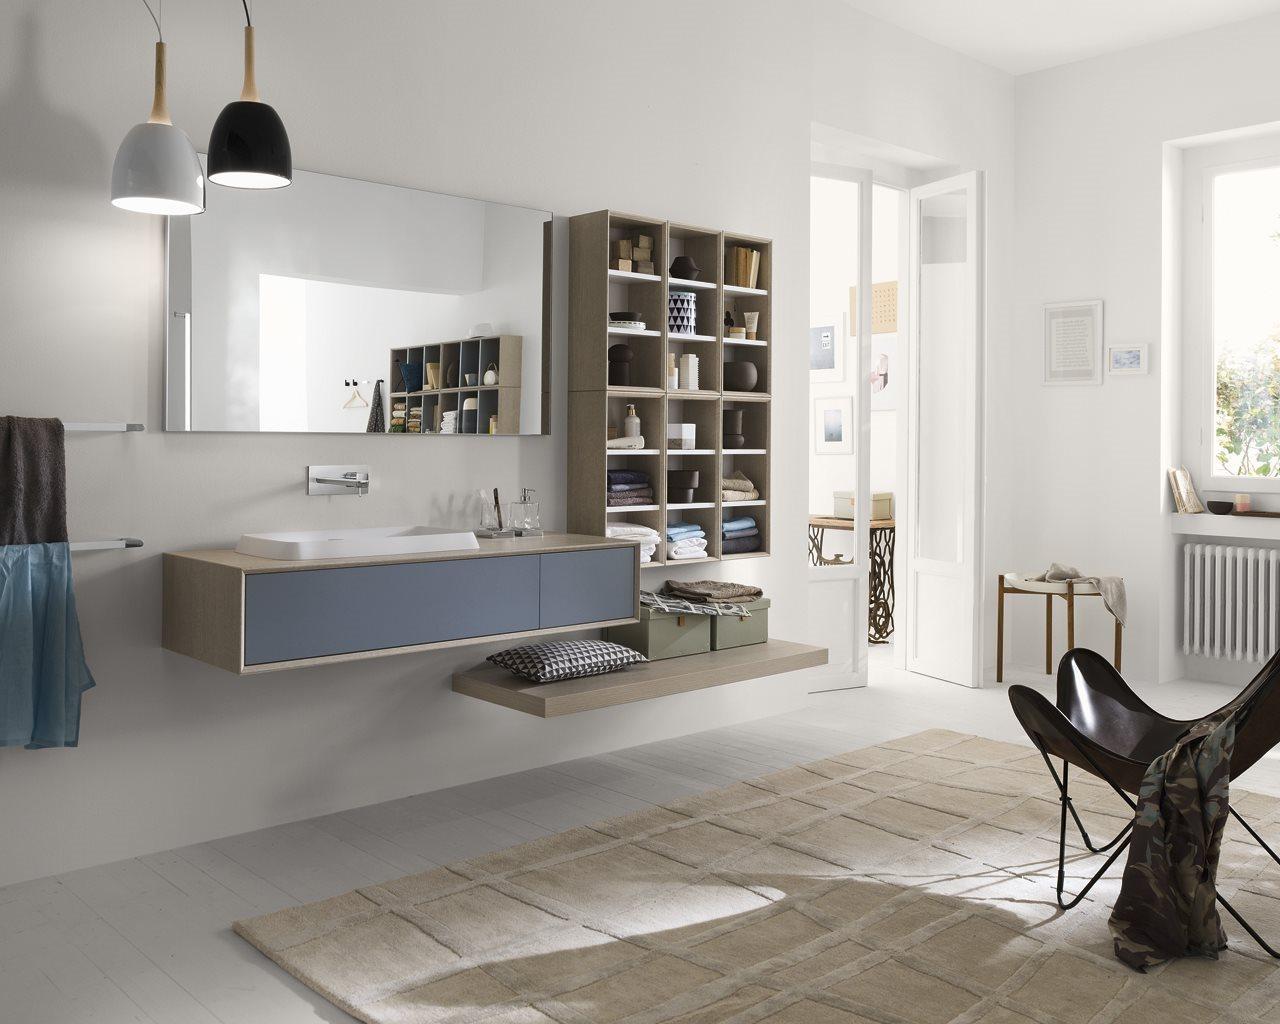 Bagni moderni mobili bagno accessori bagno lissone